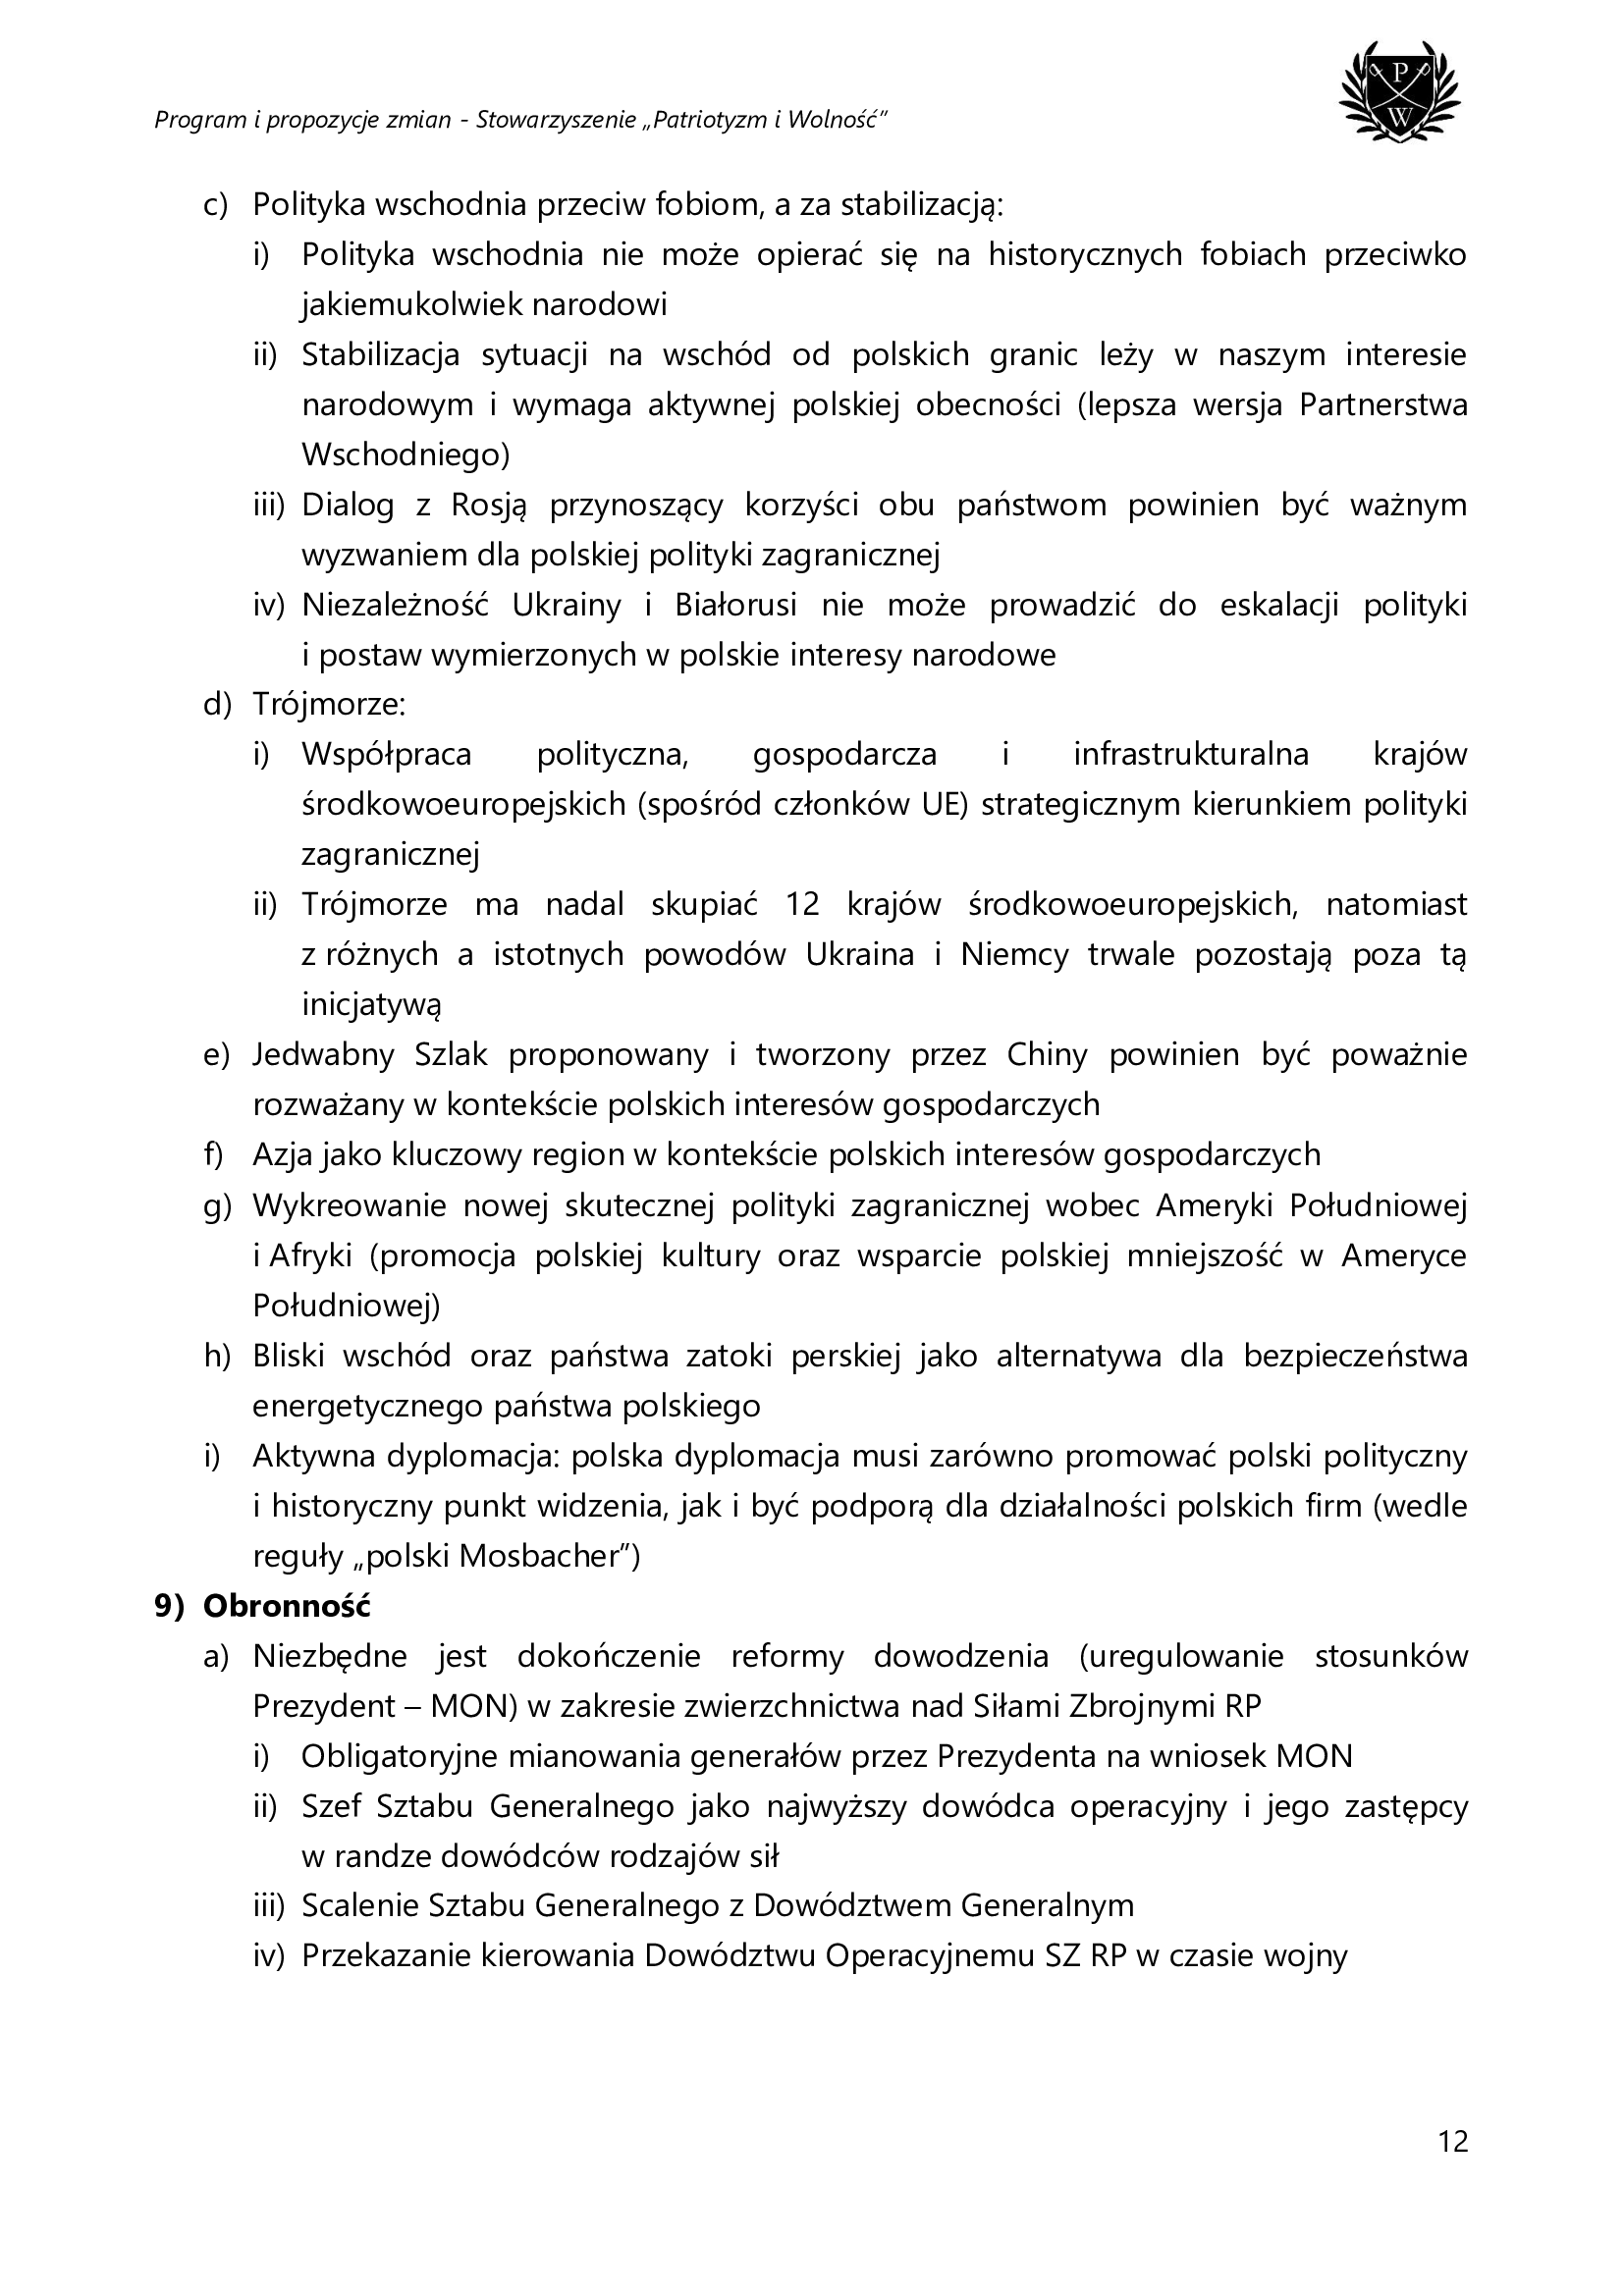 db9e272ef5a9a2e66d26f1905be6c507-12